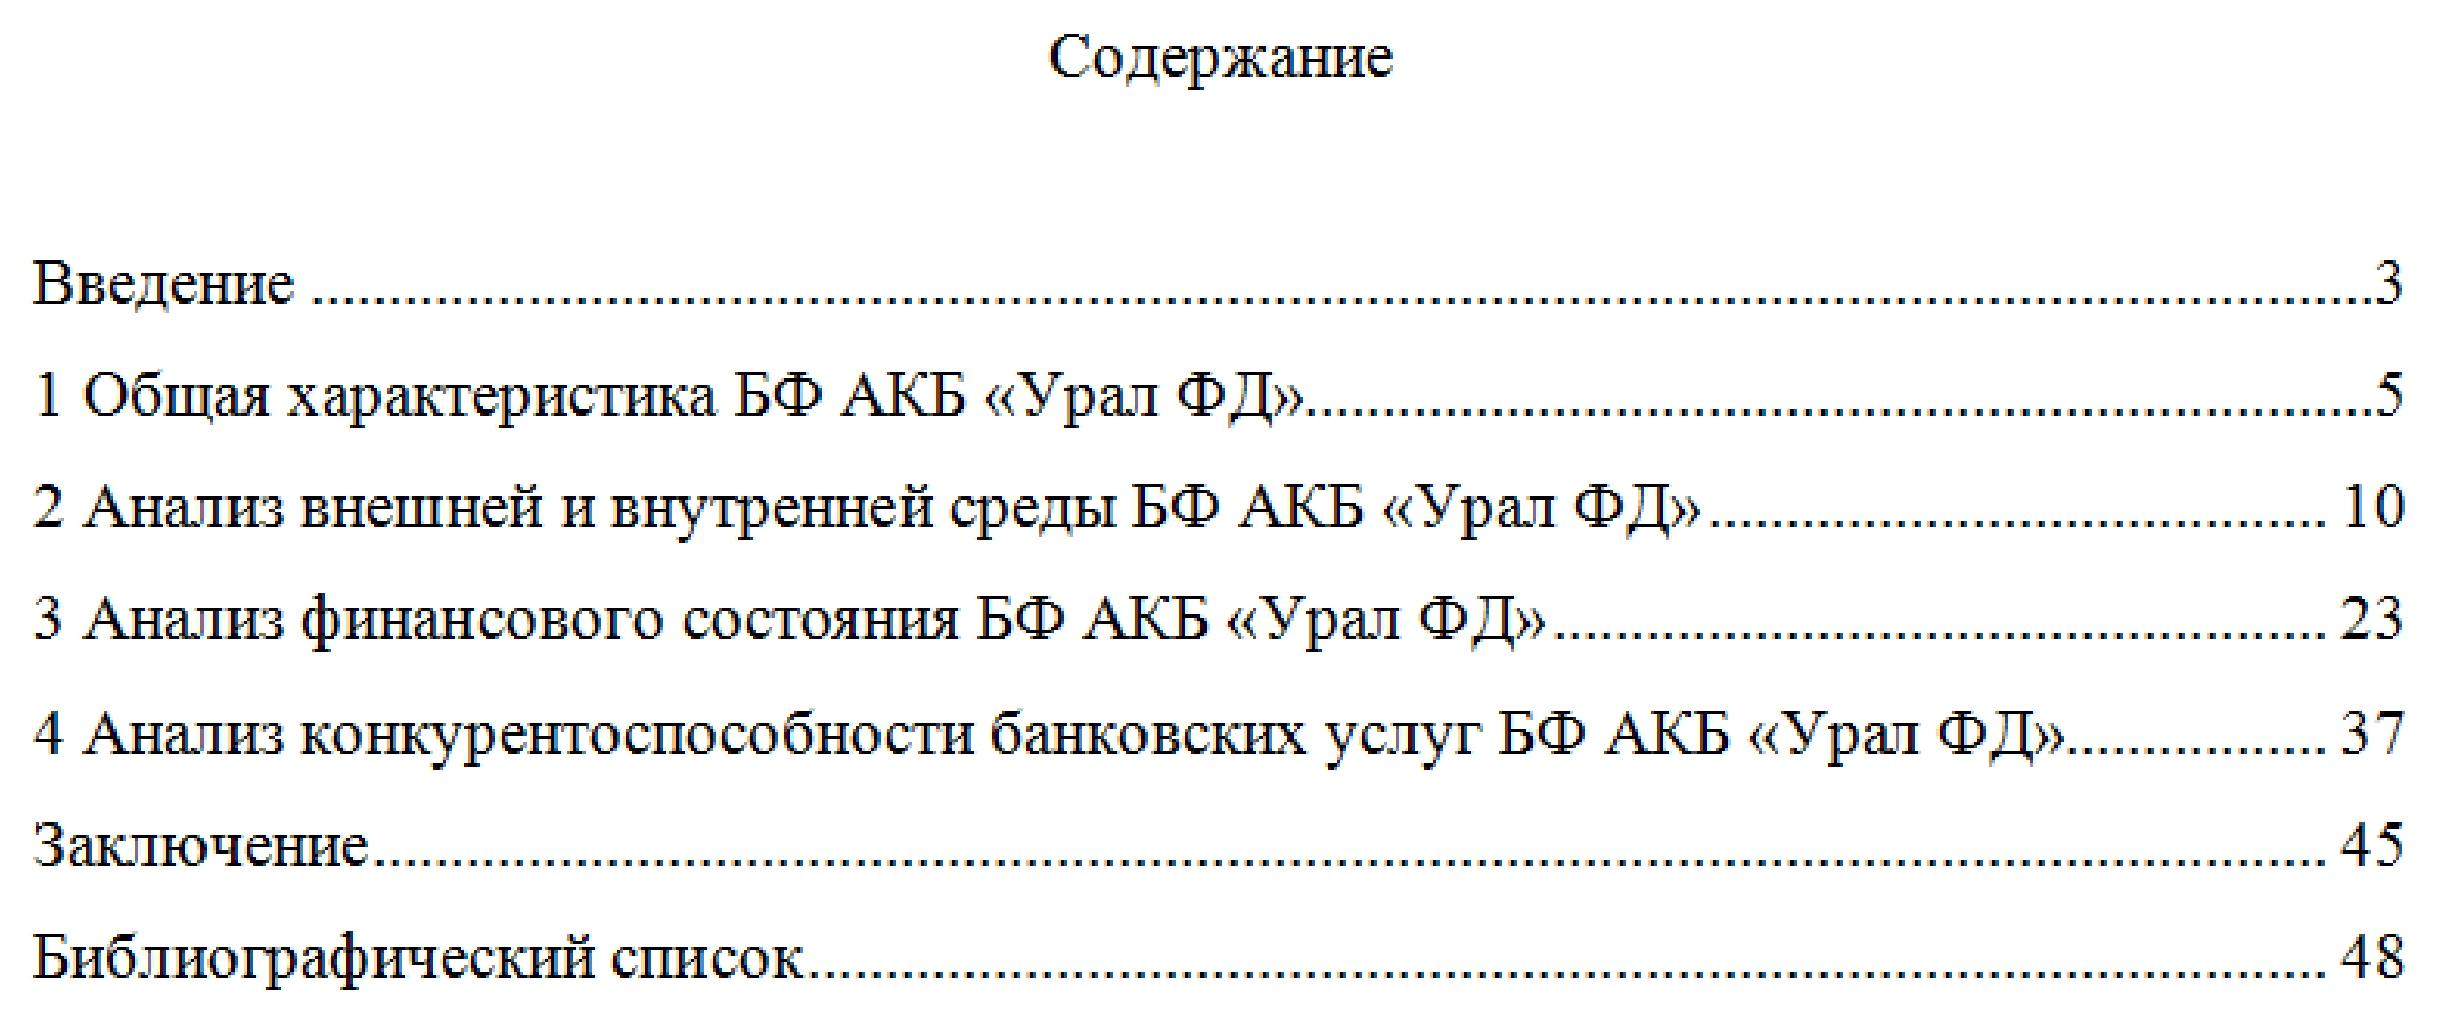 по преддипломной практике коммерческий банк его сущность и цели  Отчет по преддипломной практике коммерческий банк его сущность и цели методы работы на примере банка Клюква